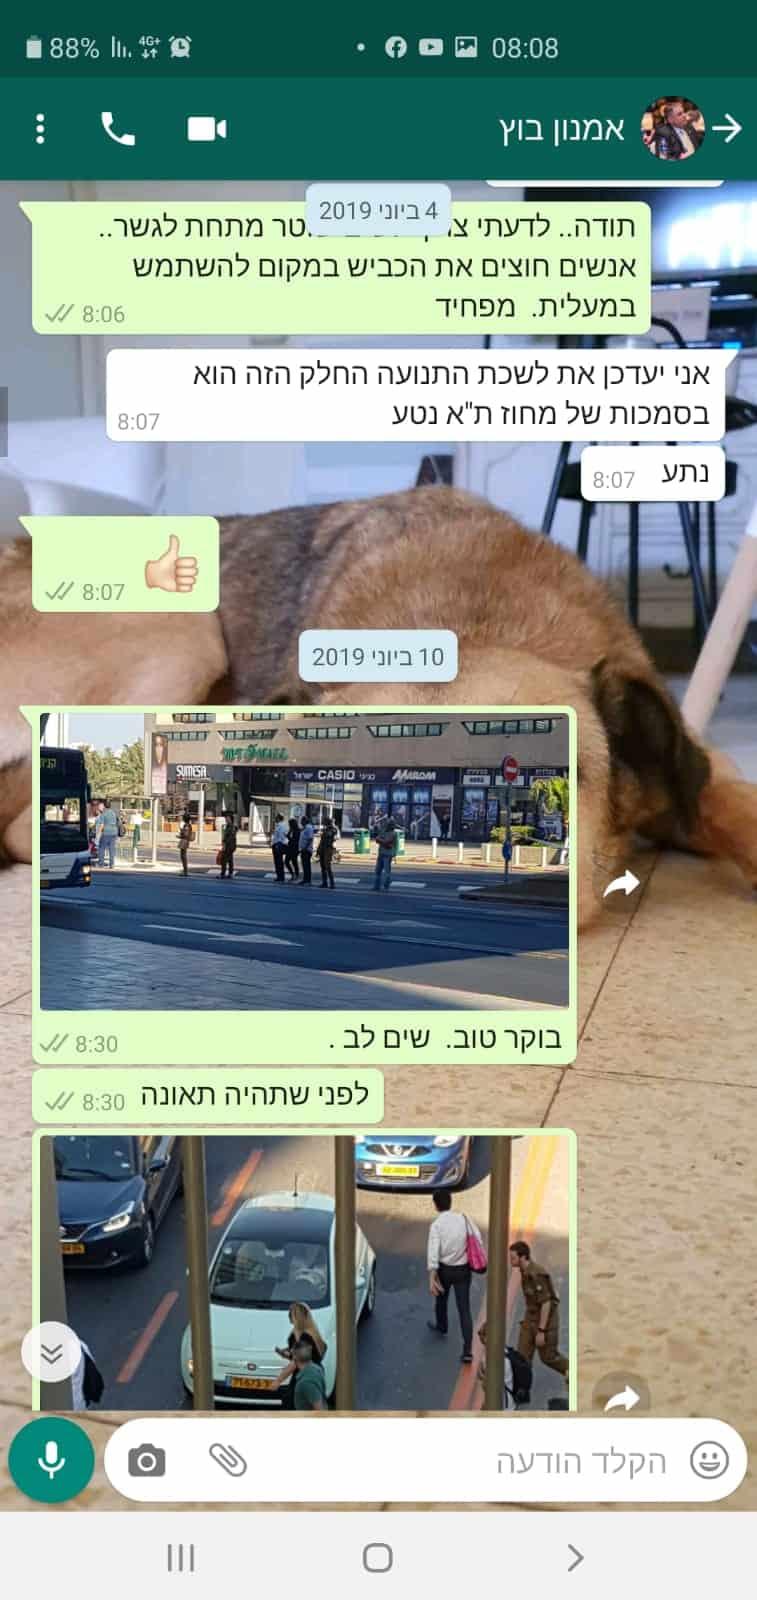 WhatsApp Image 2020-01-16 at 08.09.14